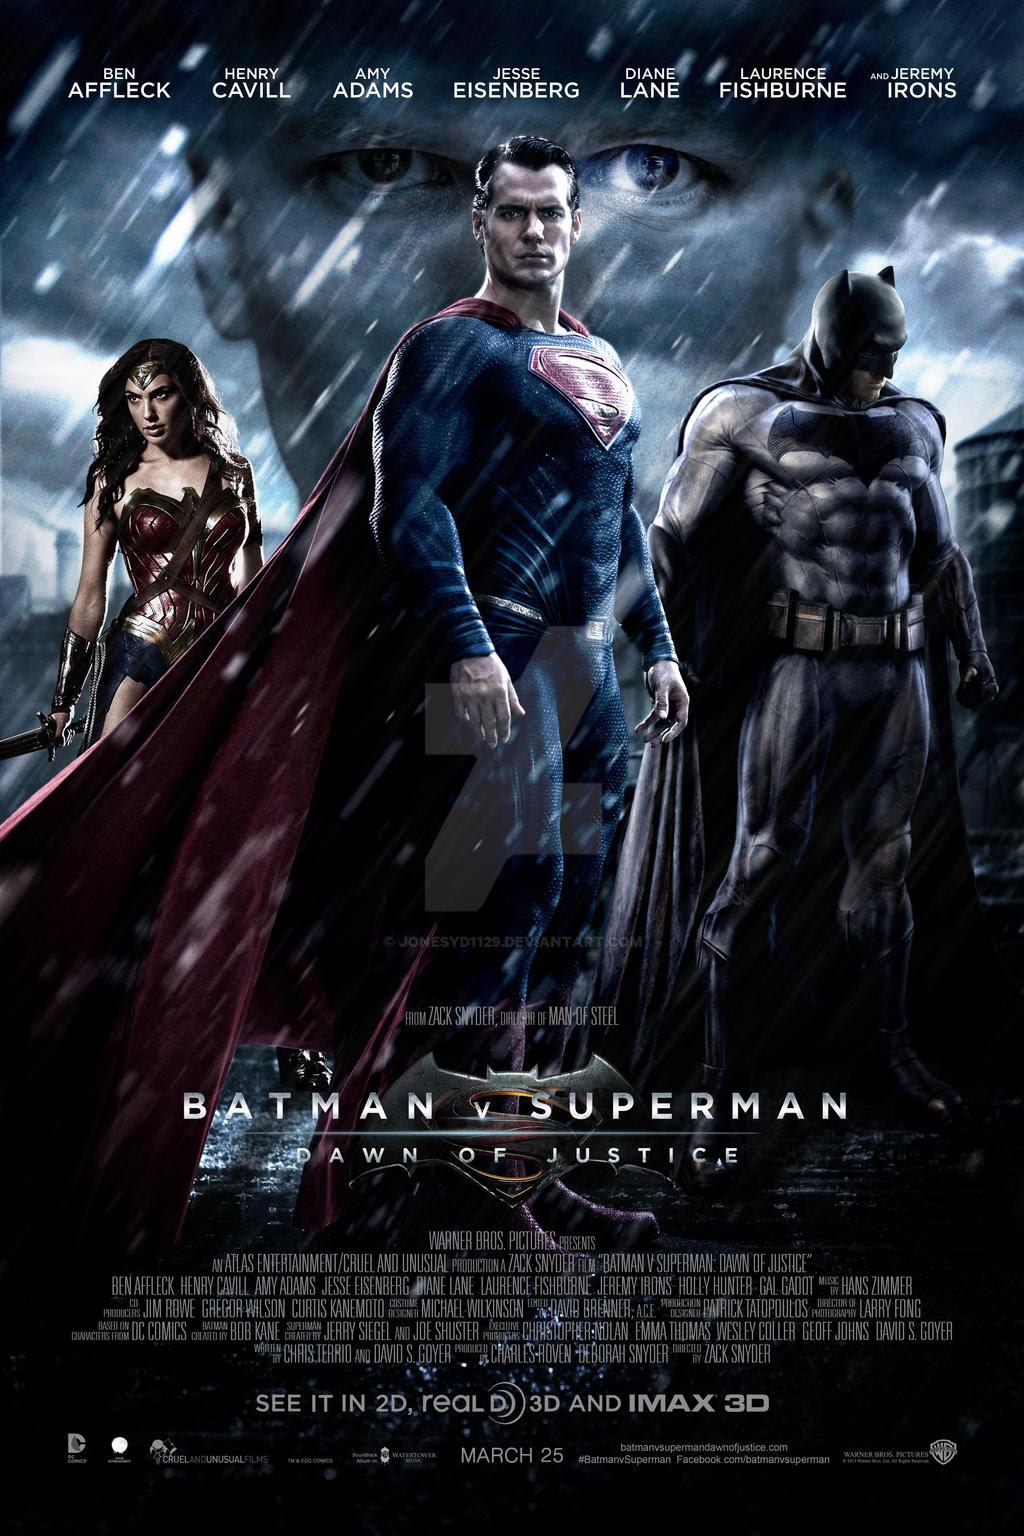 póster de la película Batman vs Superman